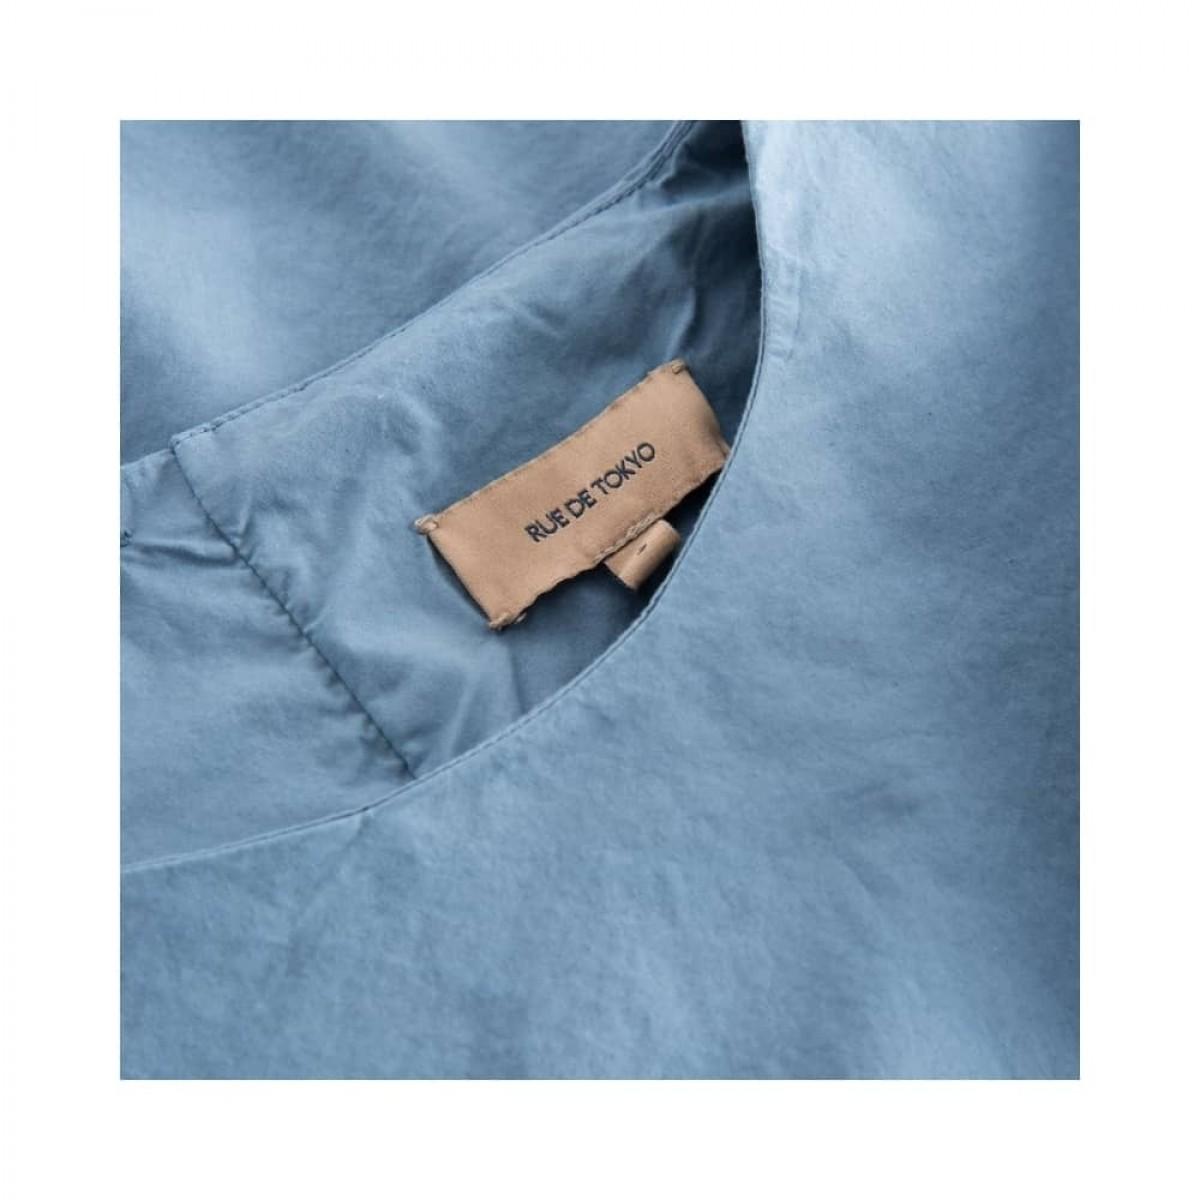 sada skjorte bluse - blue - hals detalje